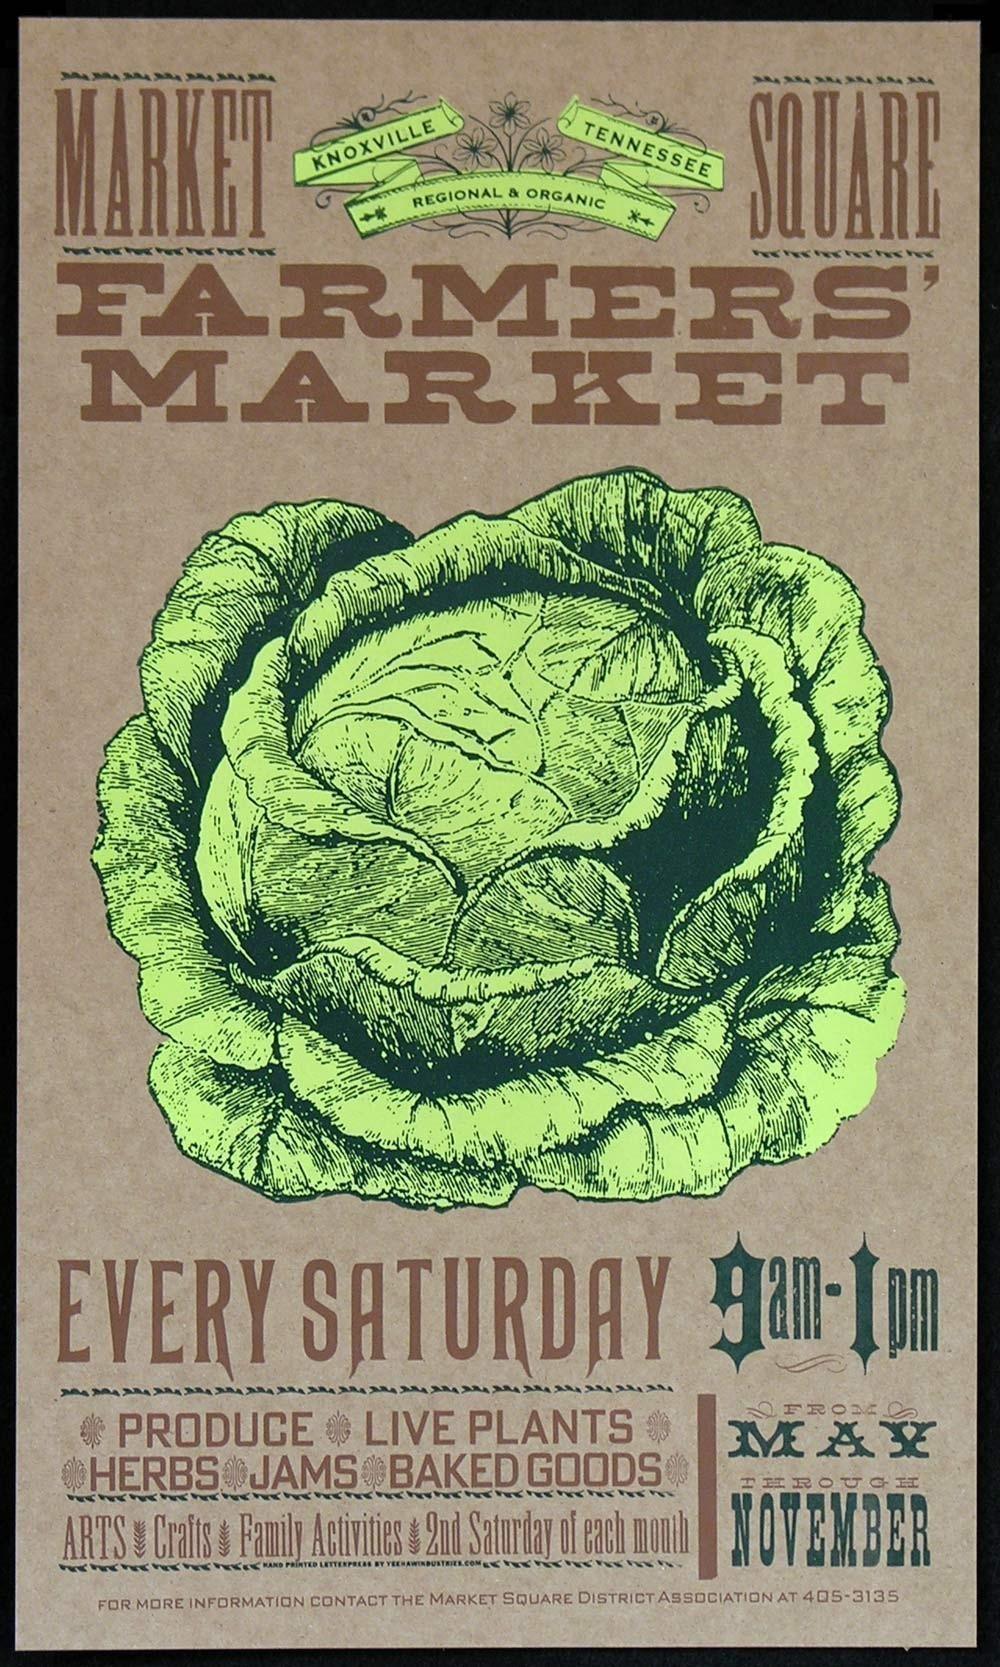 Yee Haw letterpress cards - heirloom veggies 3